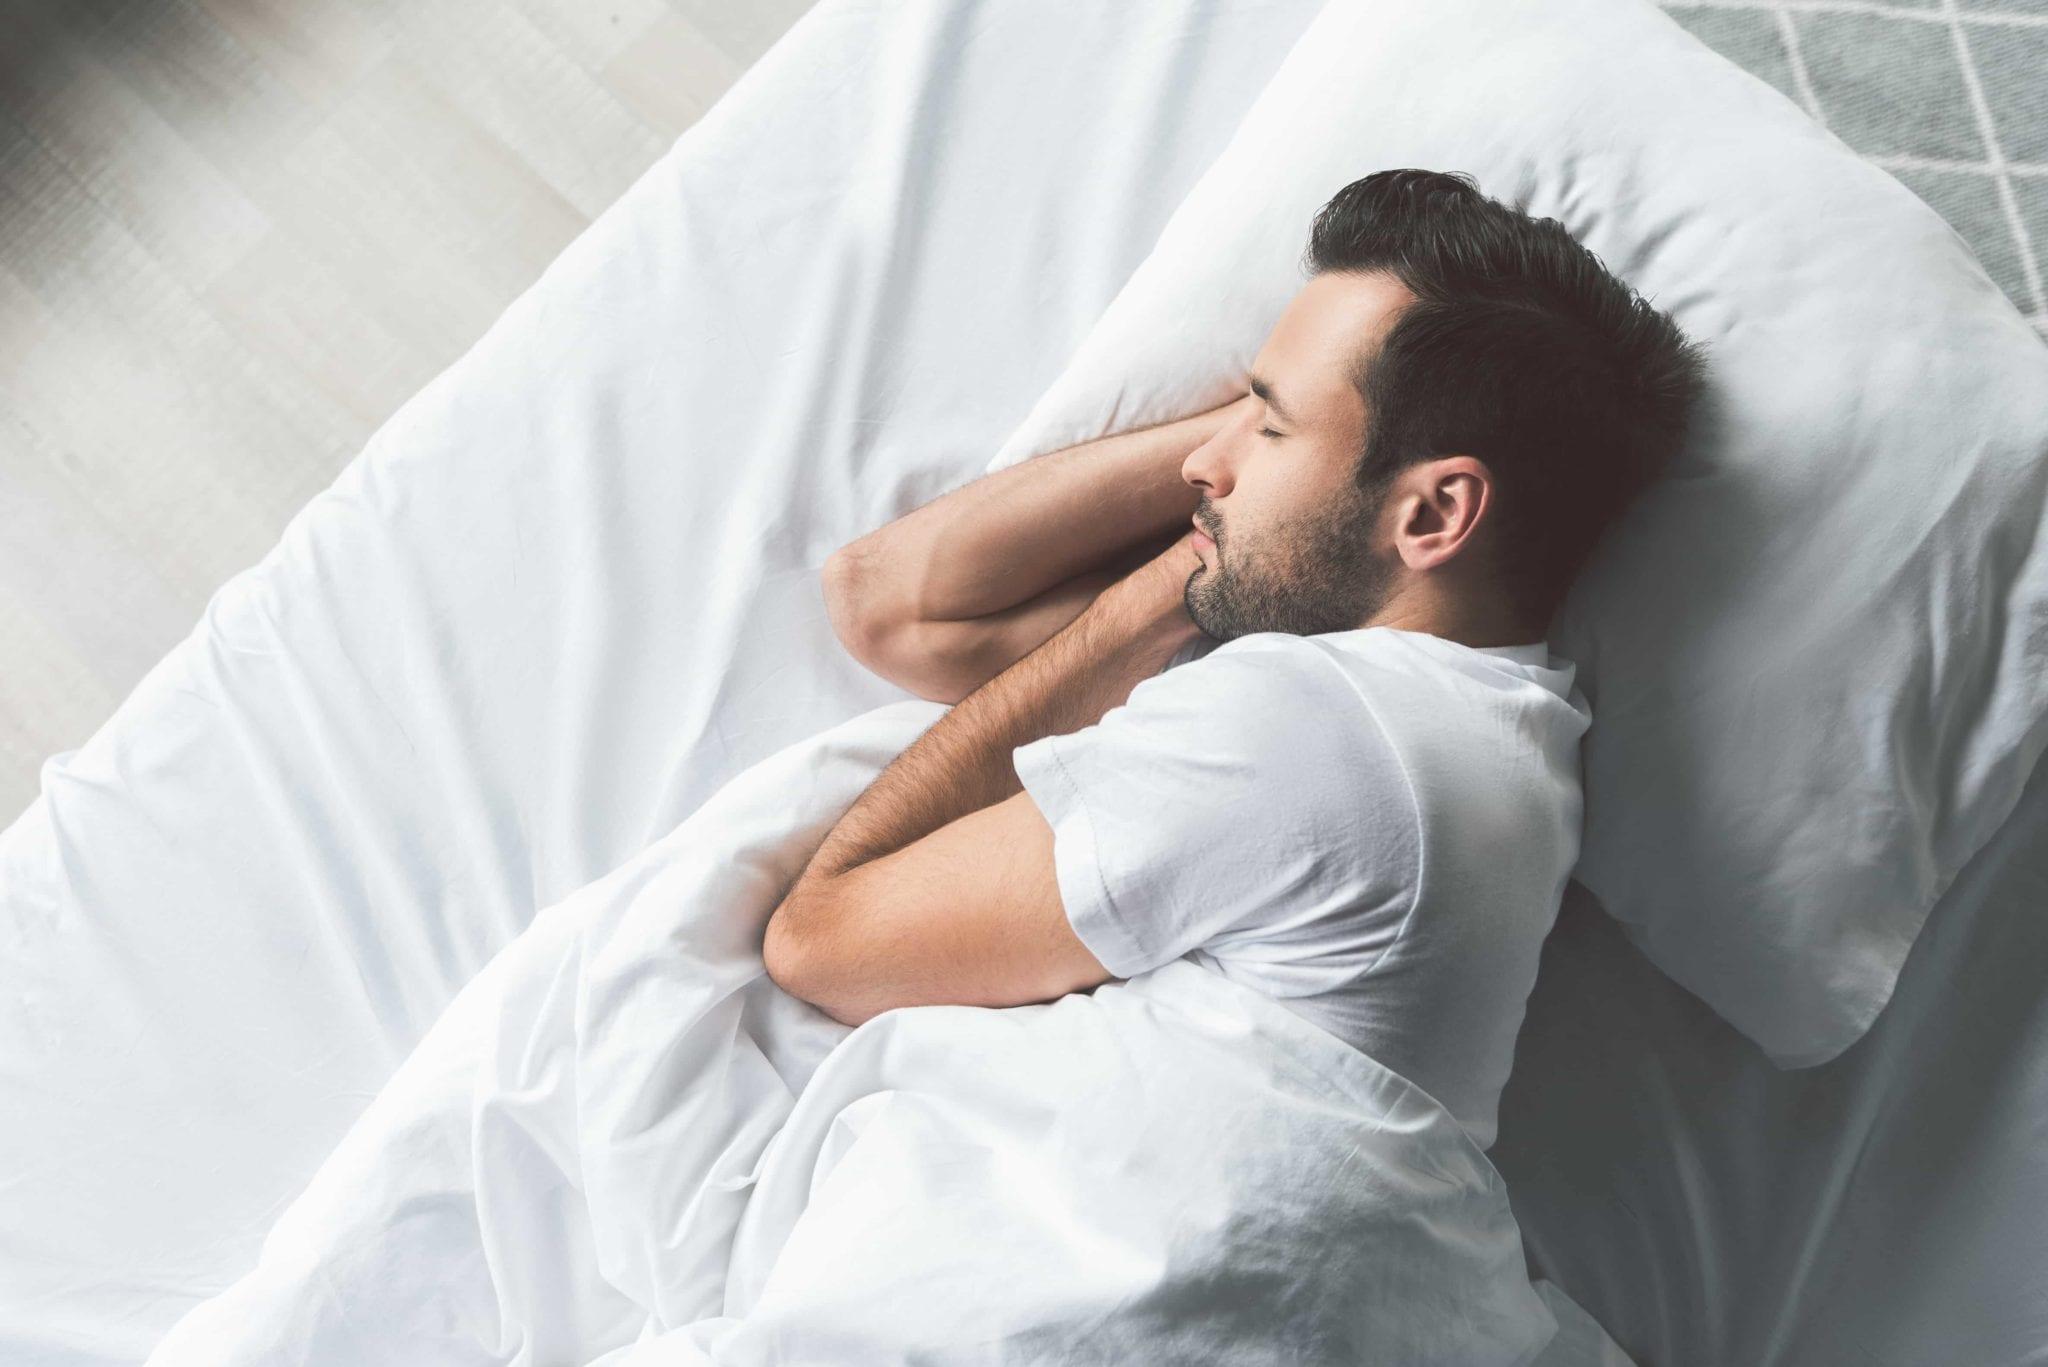 ฟูกที่นอน, ที่นอน ยี่ห้อไหนดี